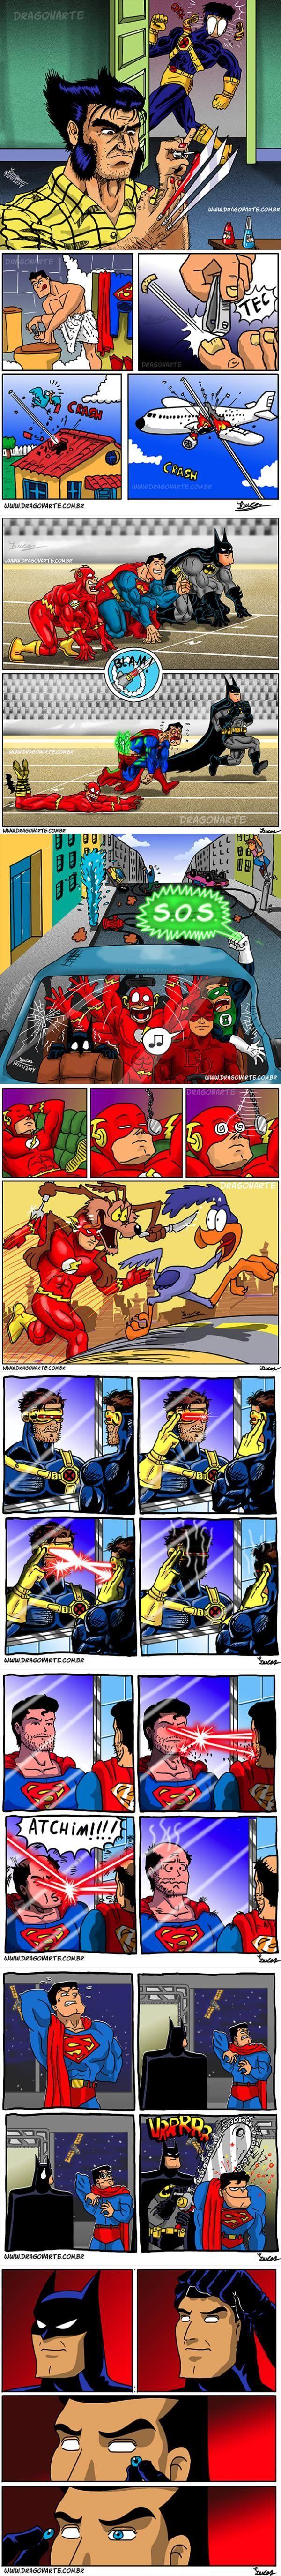 THE HOMEMADE HUMOUR: Hilarious  Super Hero Comics That'll Make You ROFL! ^